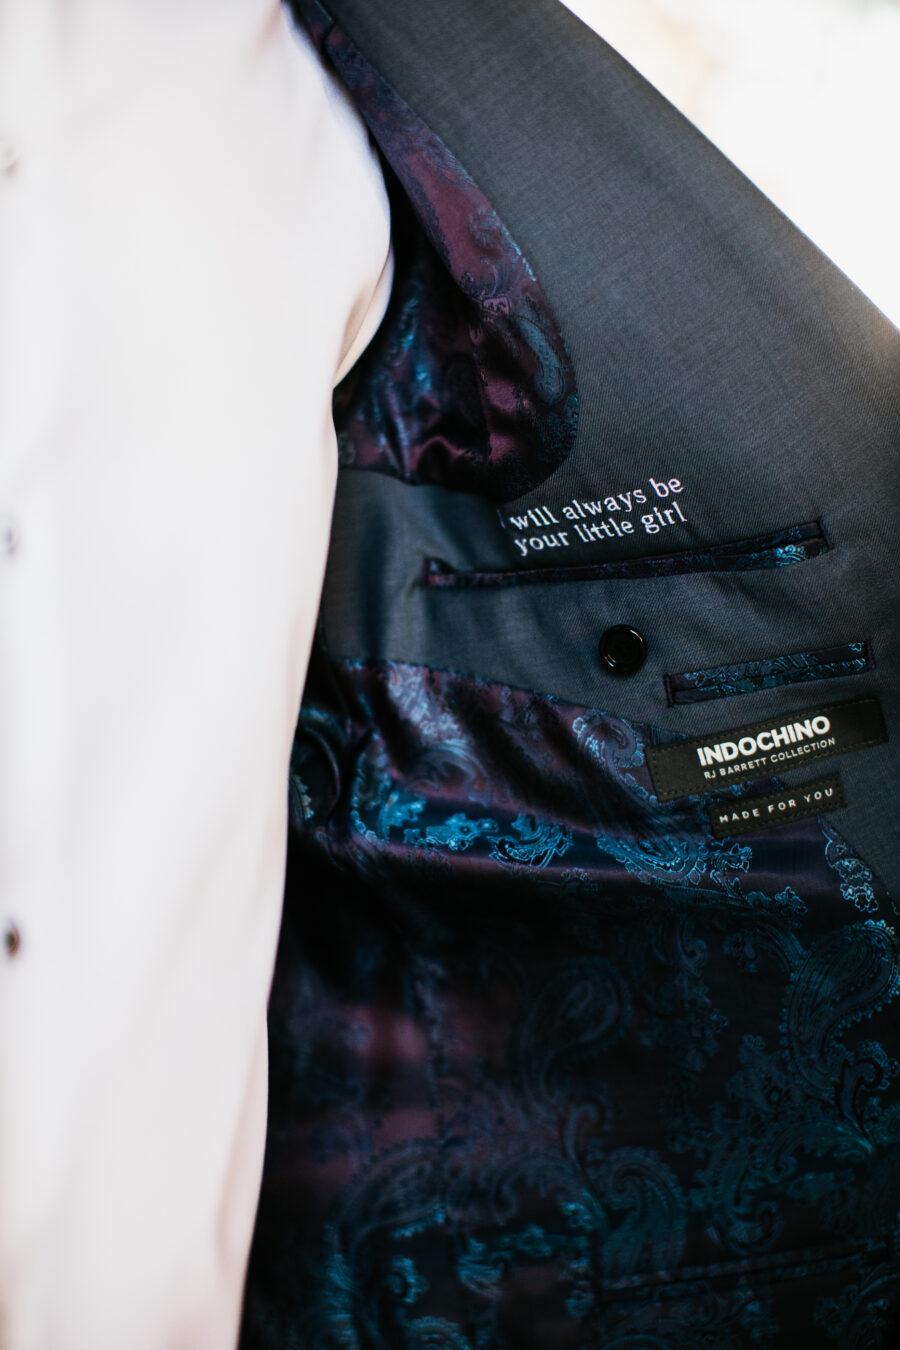 Customized Indochino wedding tuxedo jacket | Nashville Bride Guide